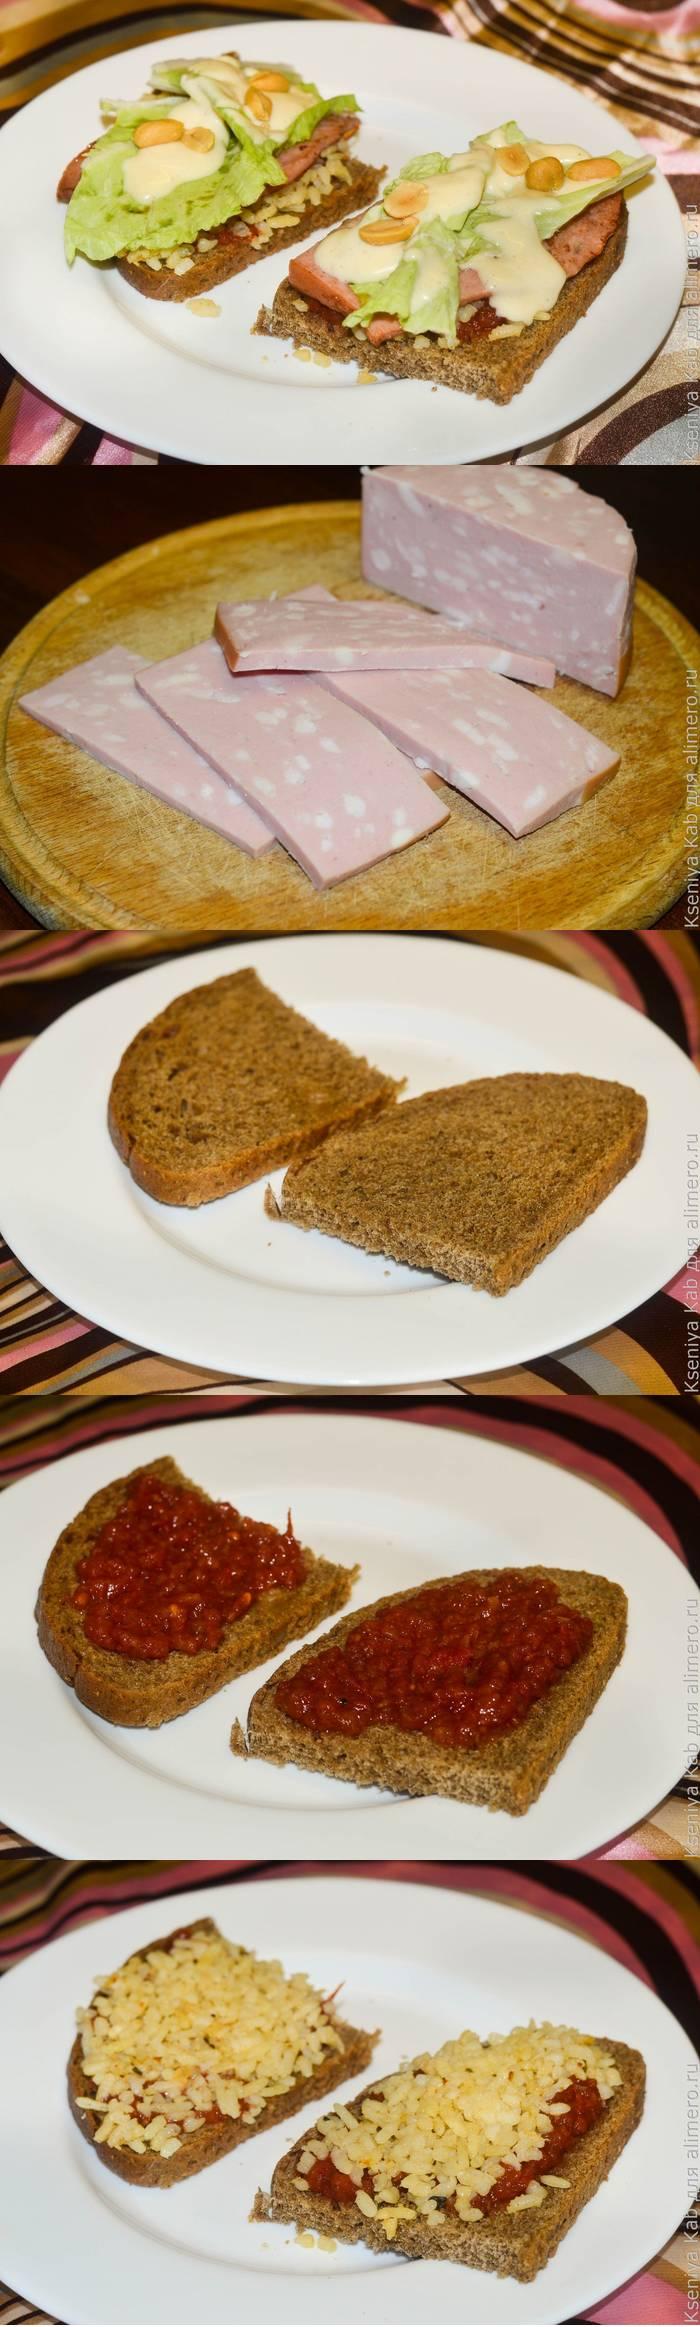 Бутерброд с колбасой - вариант полезного завтрака